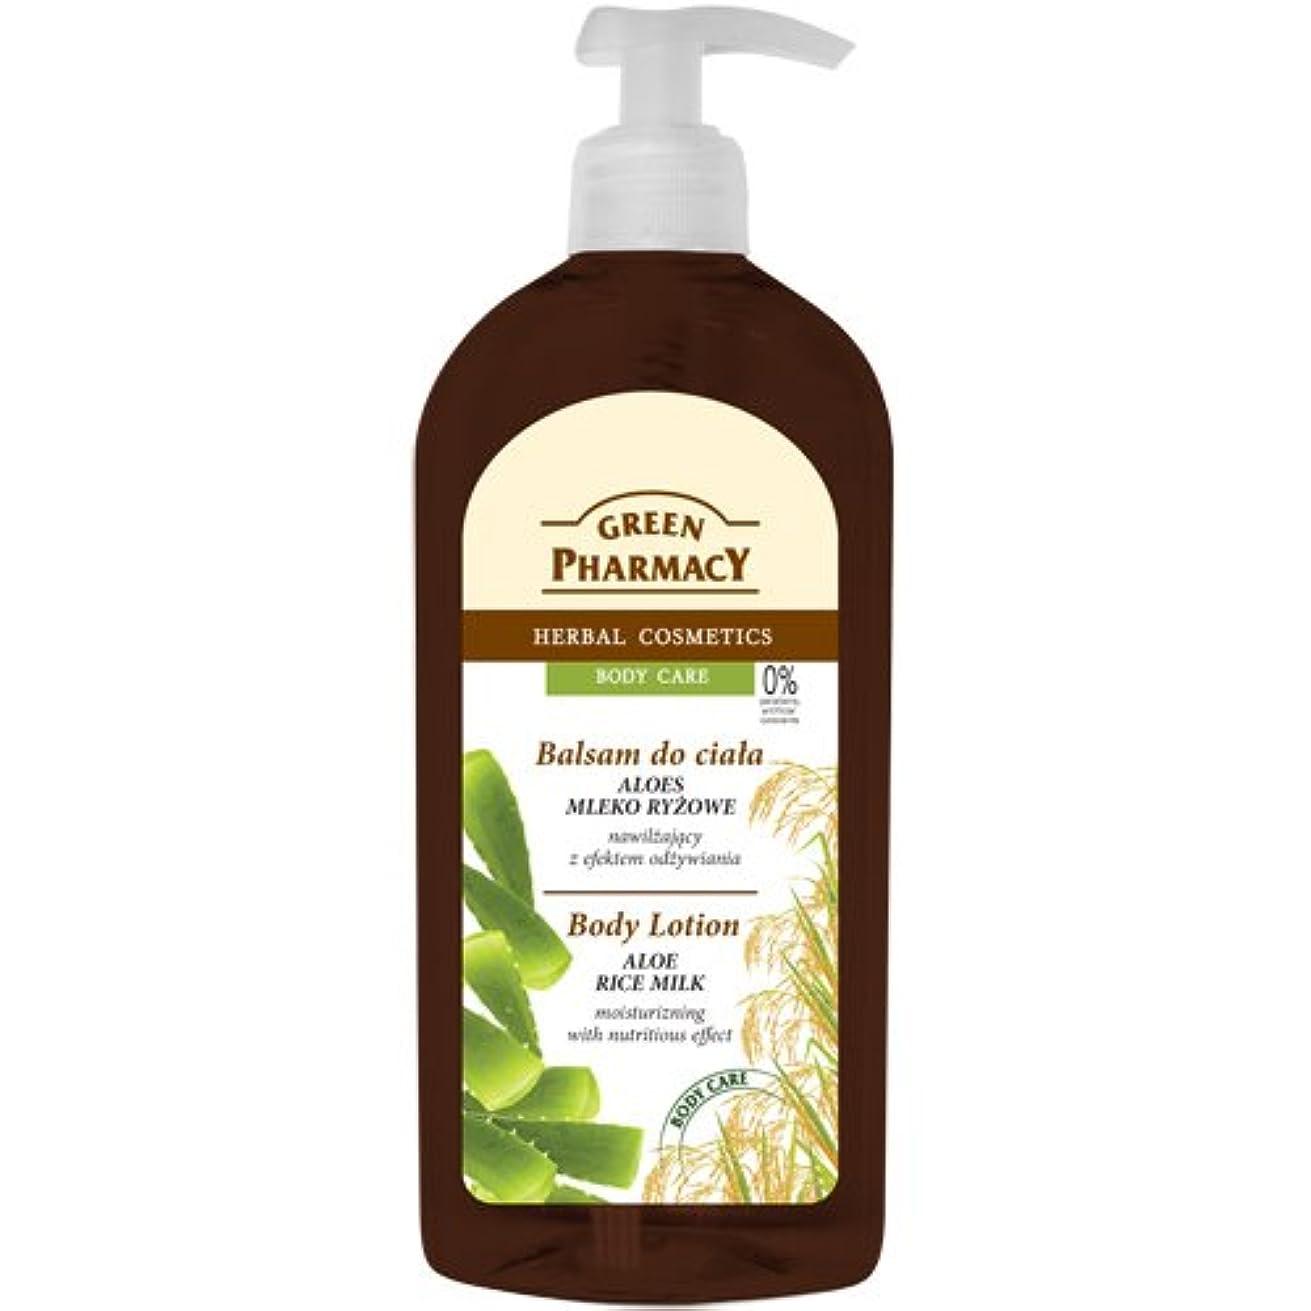 表向き親密なパキスタンElfa Pharm Green Pharmacy グリーンファーマシー Body Lotion ボディローション Aloe Ricemilk